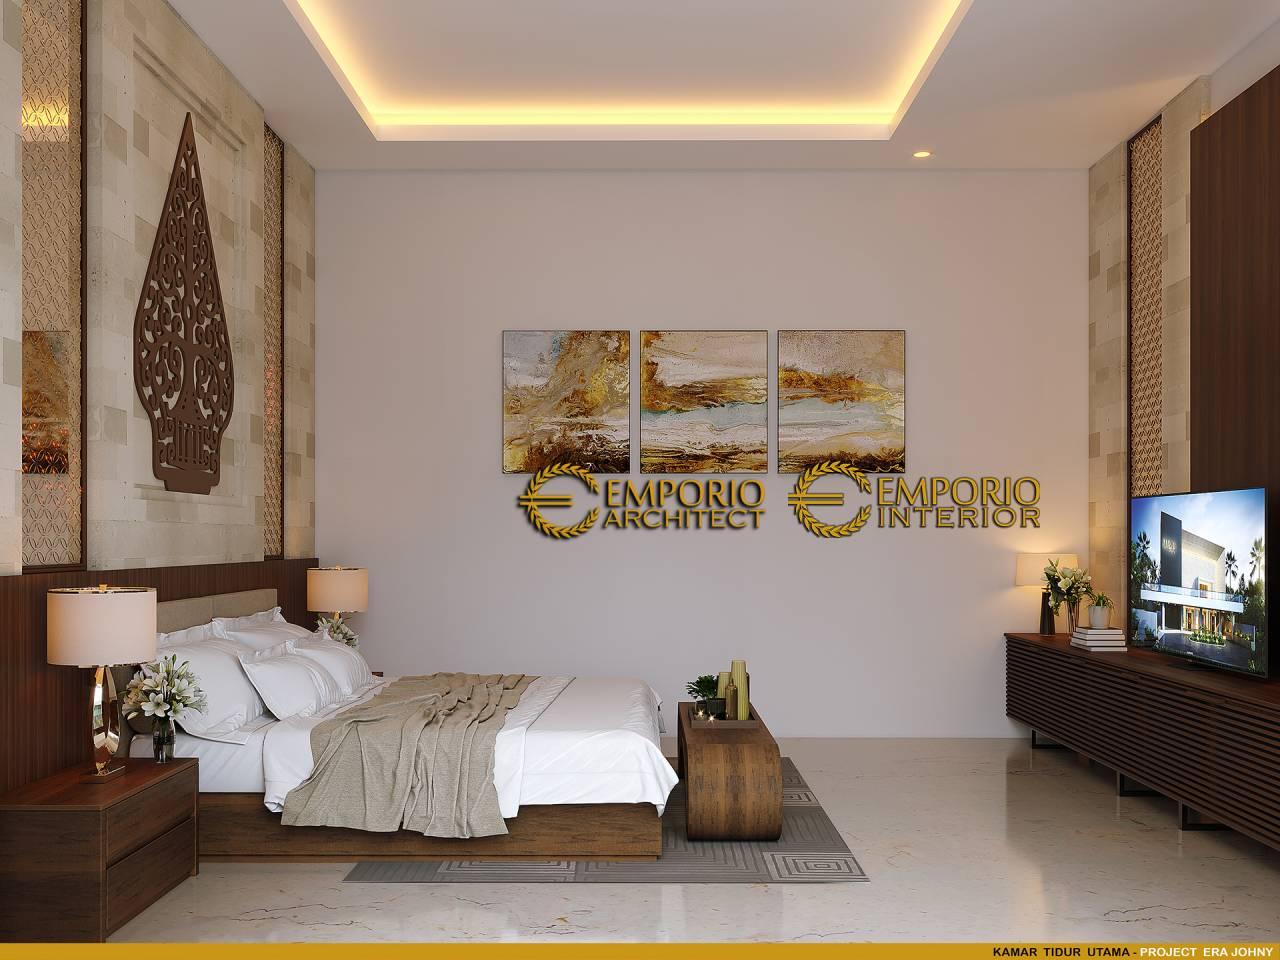 desain interior rumah villa bali 2 lantai bapak era johny di surakarta jawa tengah 378512559141120114110 3